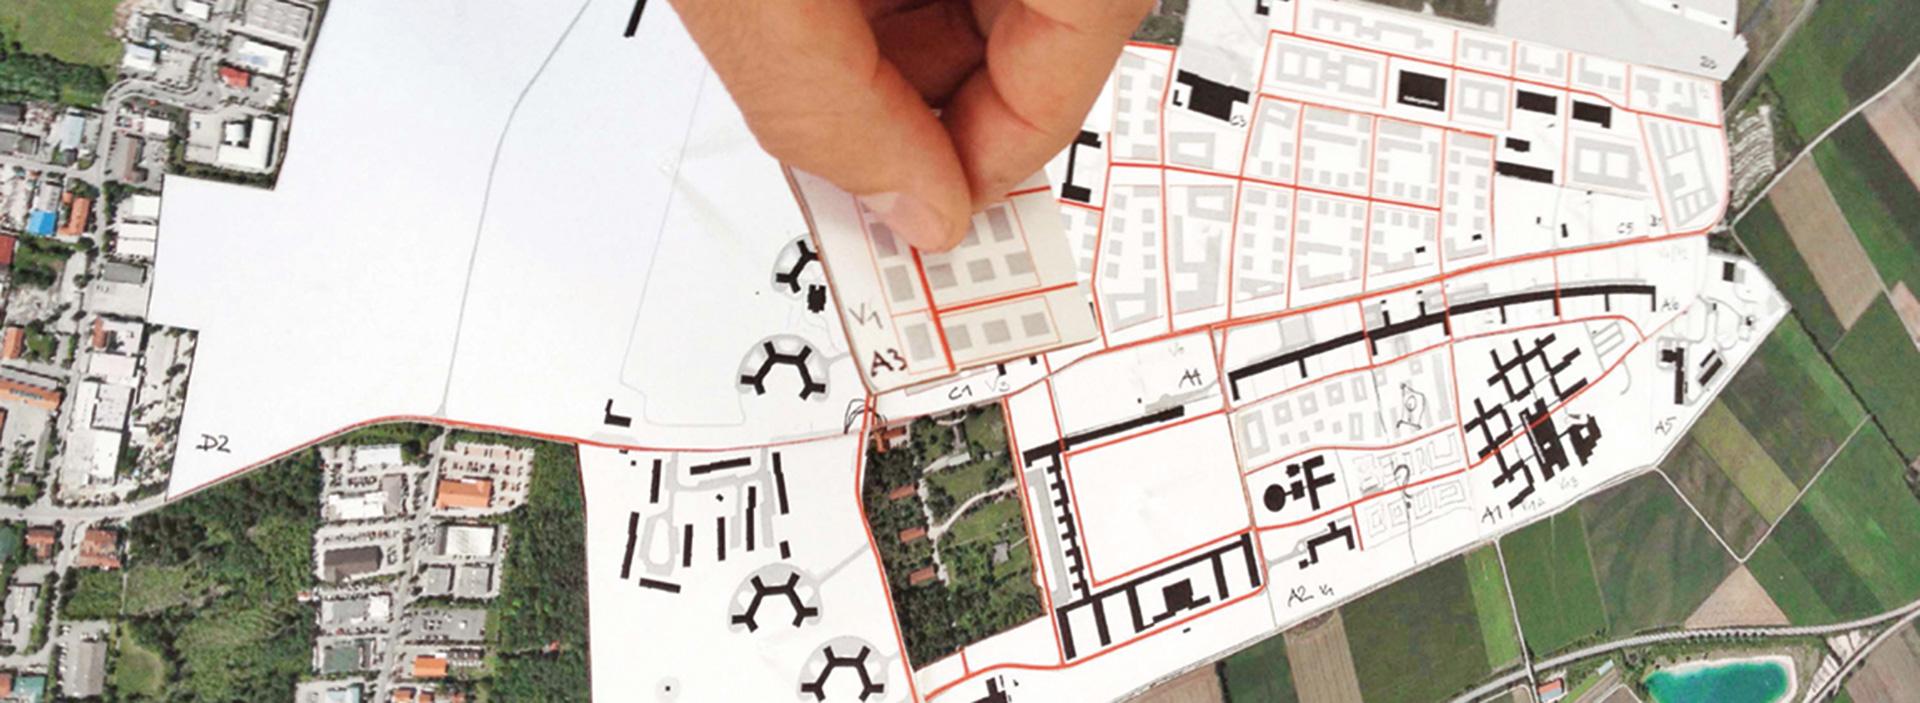 Fliegerhorstkonversion Fürstenfeldbruck Konzeptstudien